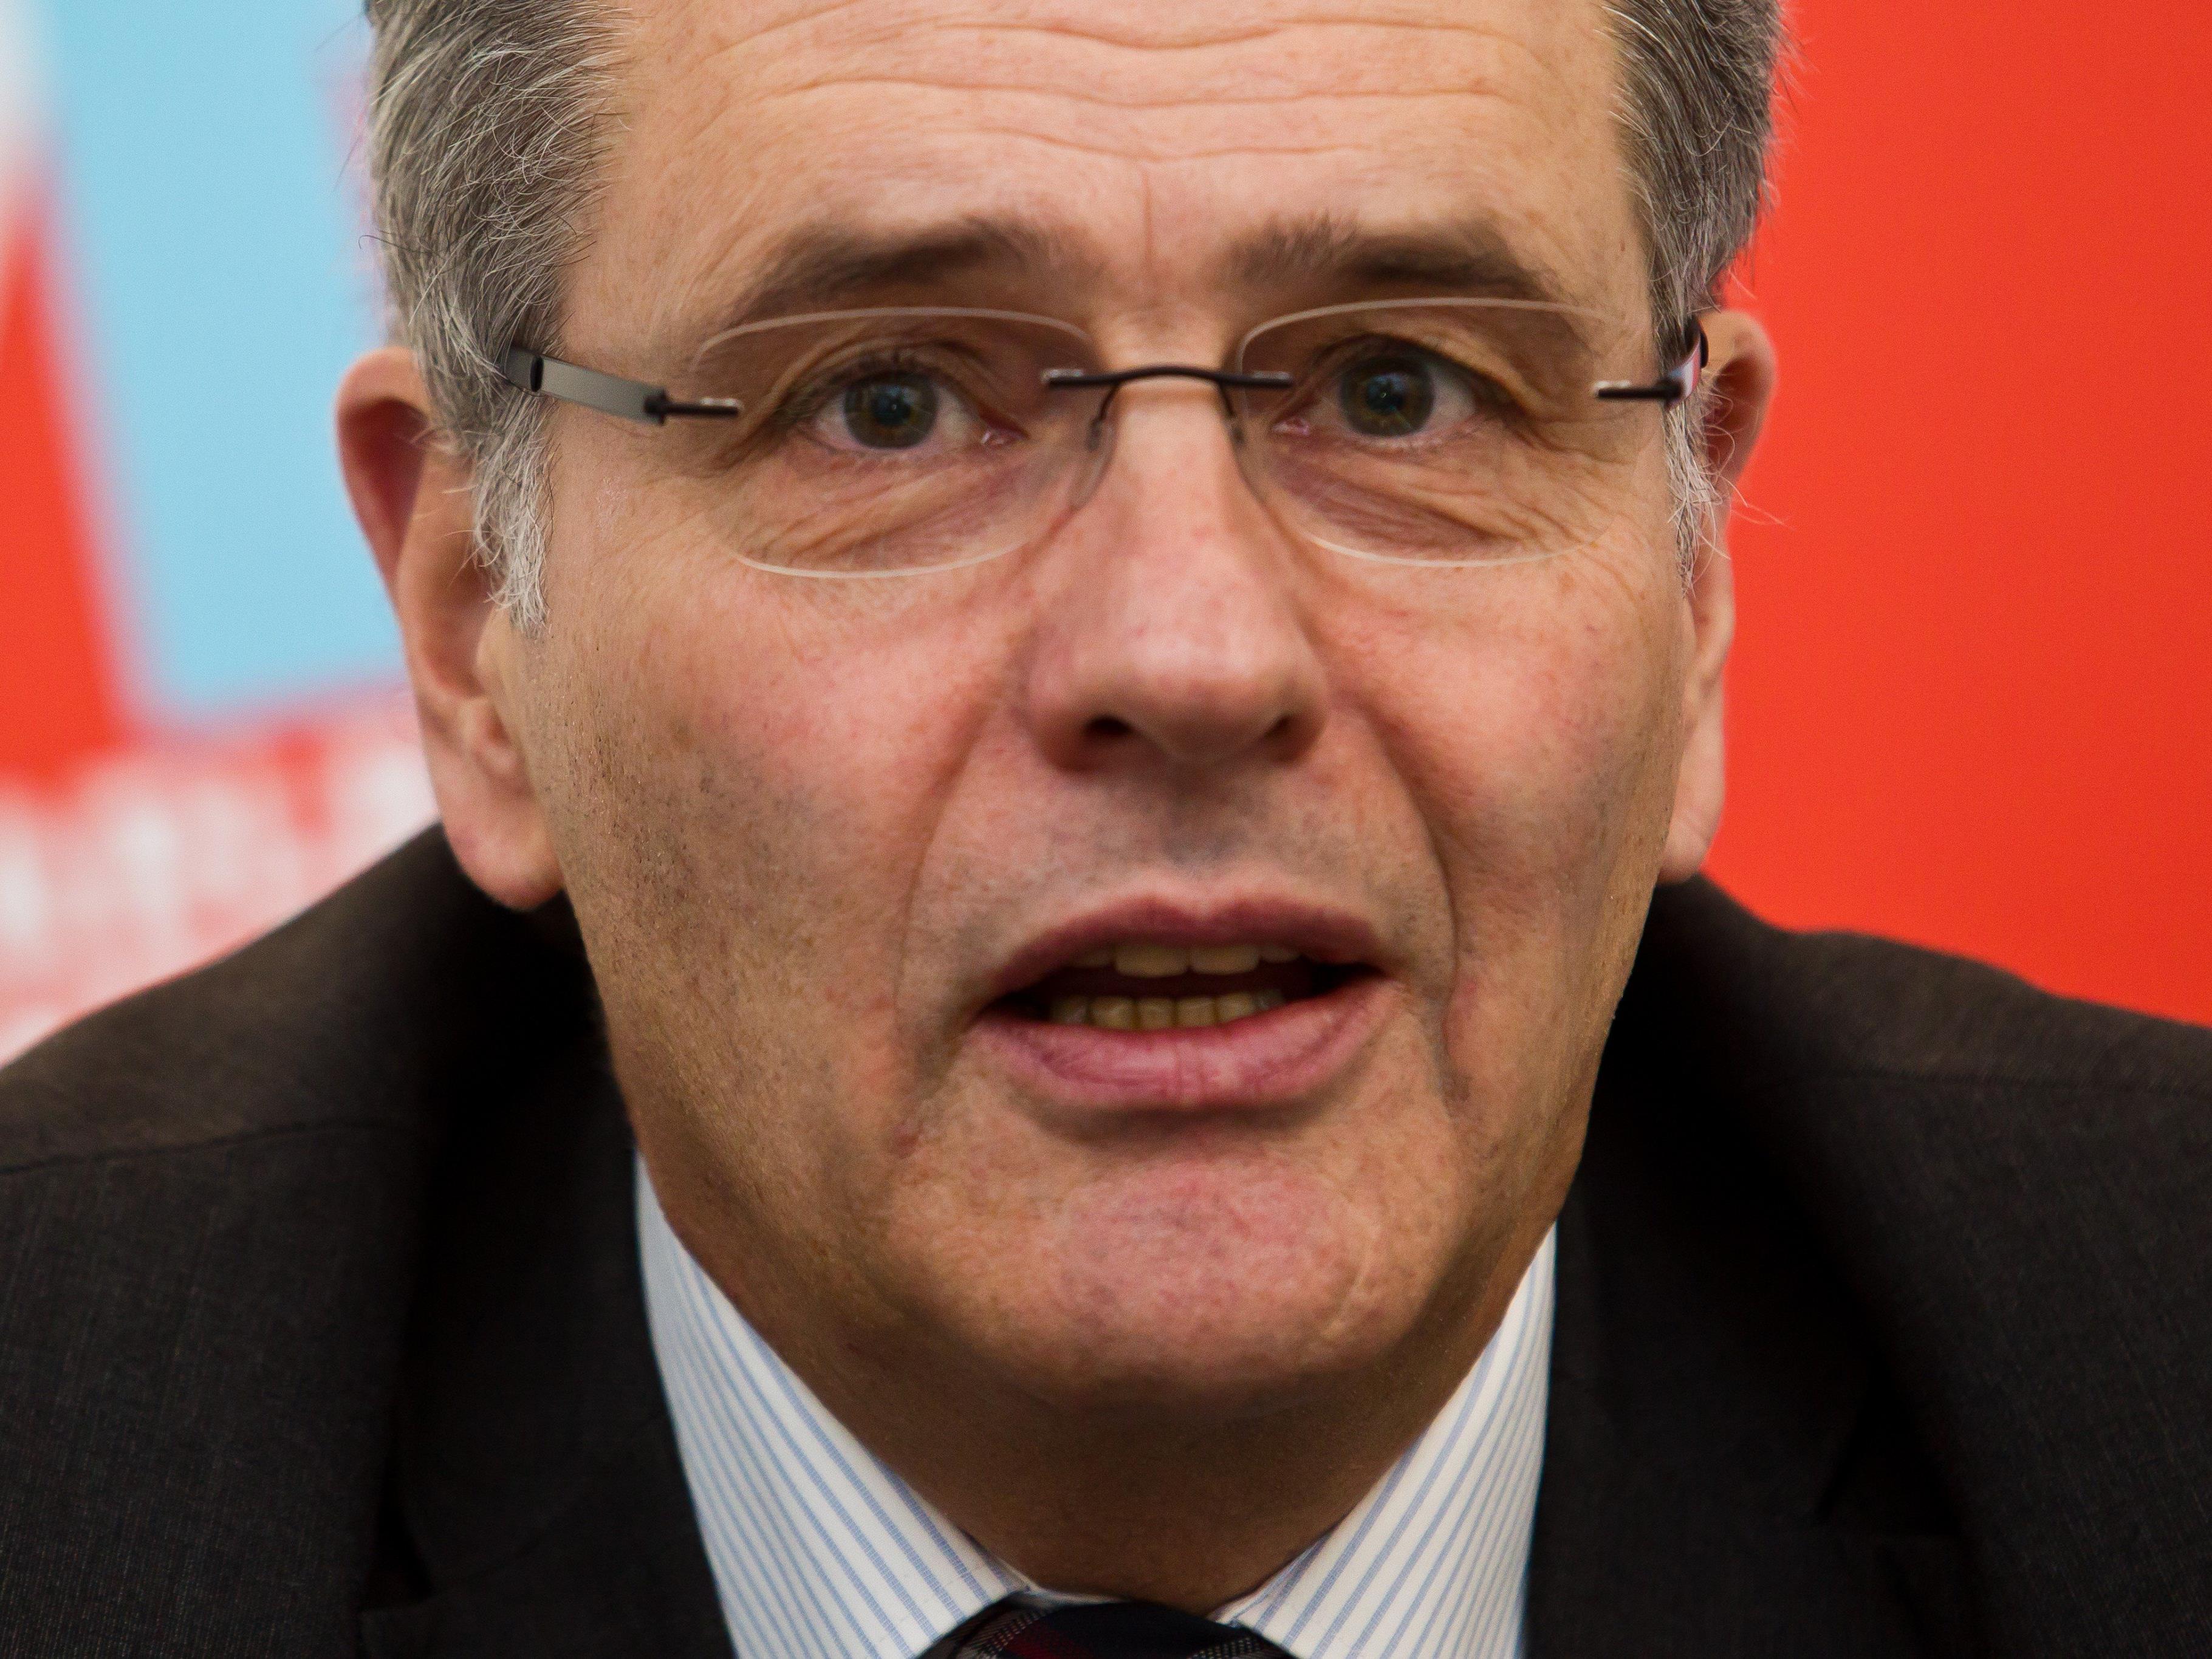 Der Vorarlberger Bundesrat Edgar Meyer (ÖVP) plädiert dafür, den Bundespräsidenten per Bundesversammlung wählen zu lassen.